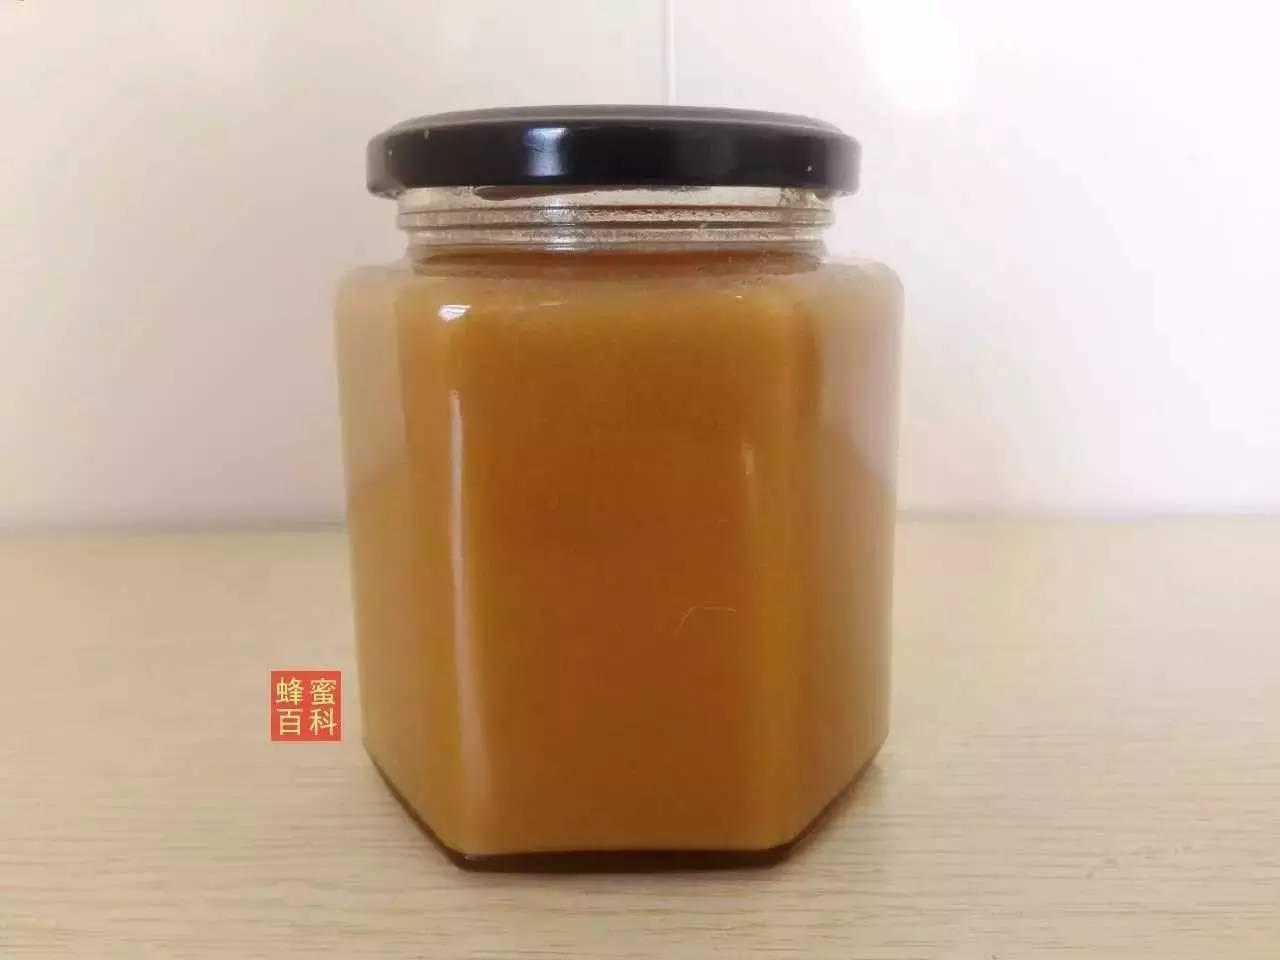 早上喝蜂蜜水还是晚上喝 枇杷蜂蜜美容 新疆烤肉加蜂蜜么 阿胶可以和蜂蜜一起吃 临沧哪里收购蜂蜜